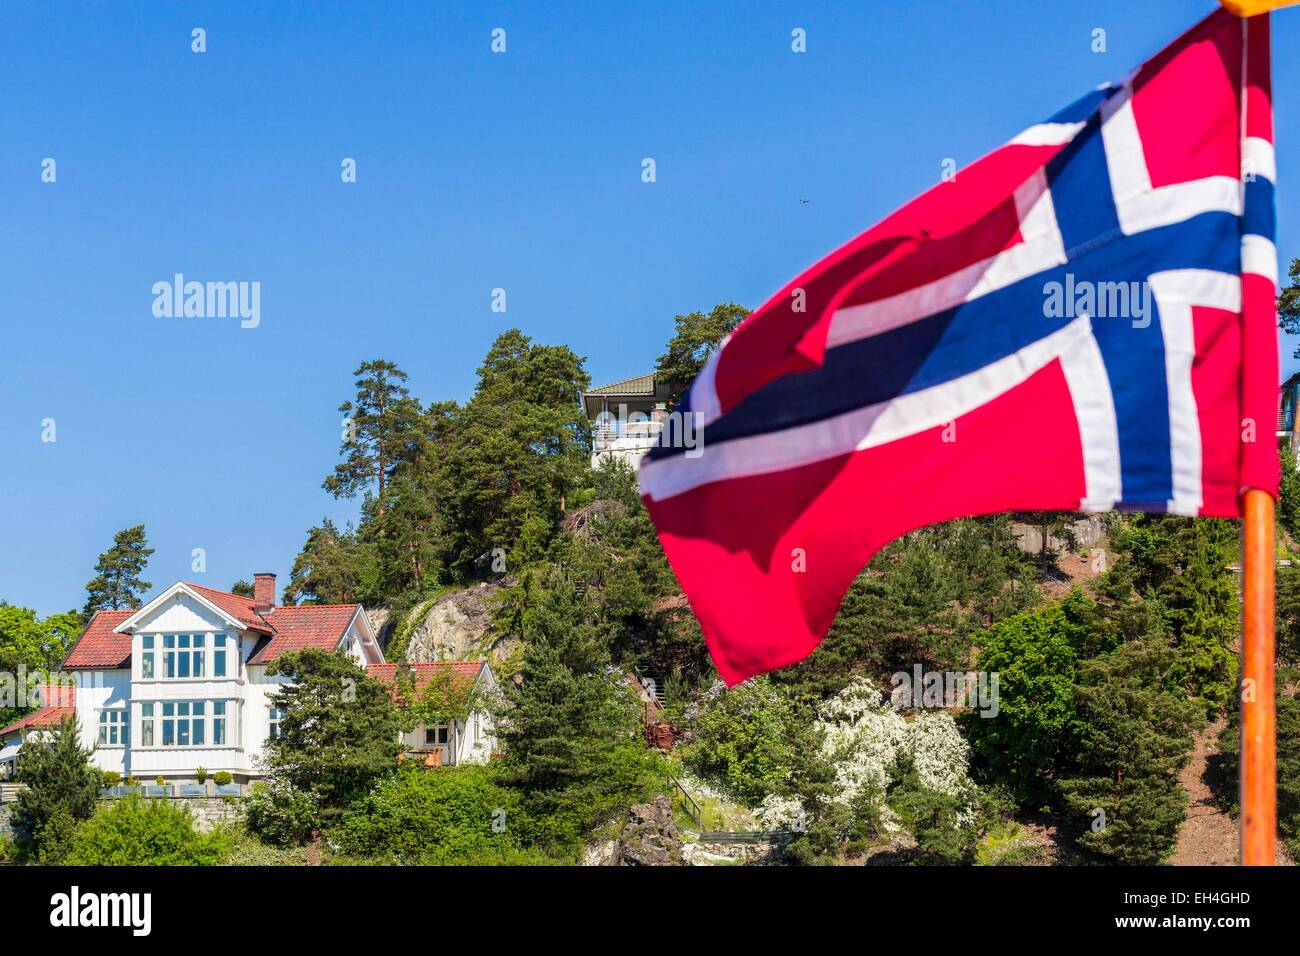 Norwegen, Oslo, Oslofjord, Wohnung auf einer der vielen Inseln Fjord mit der norwegischen Flagge im Vordergrund Stockfoto